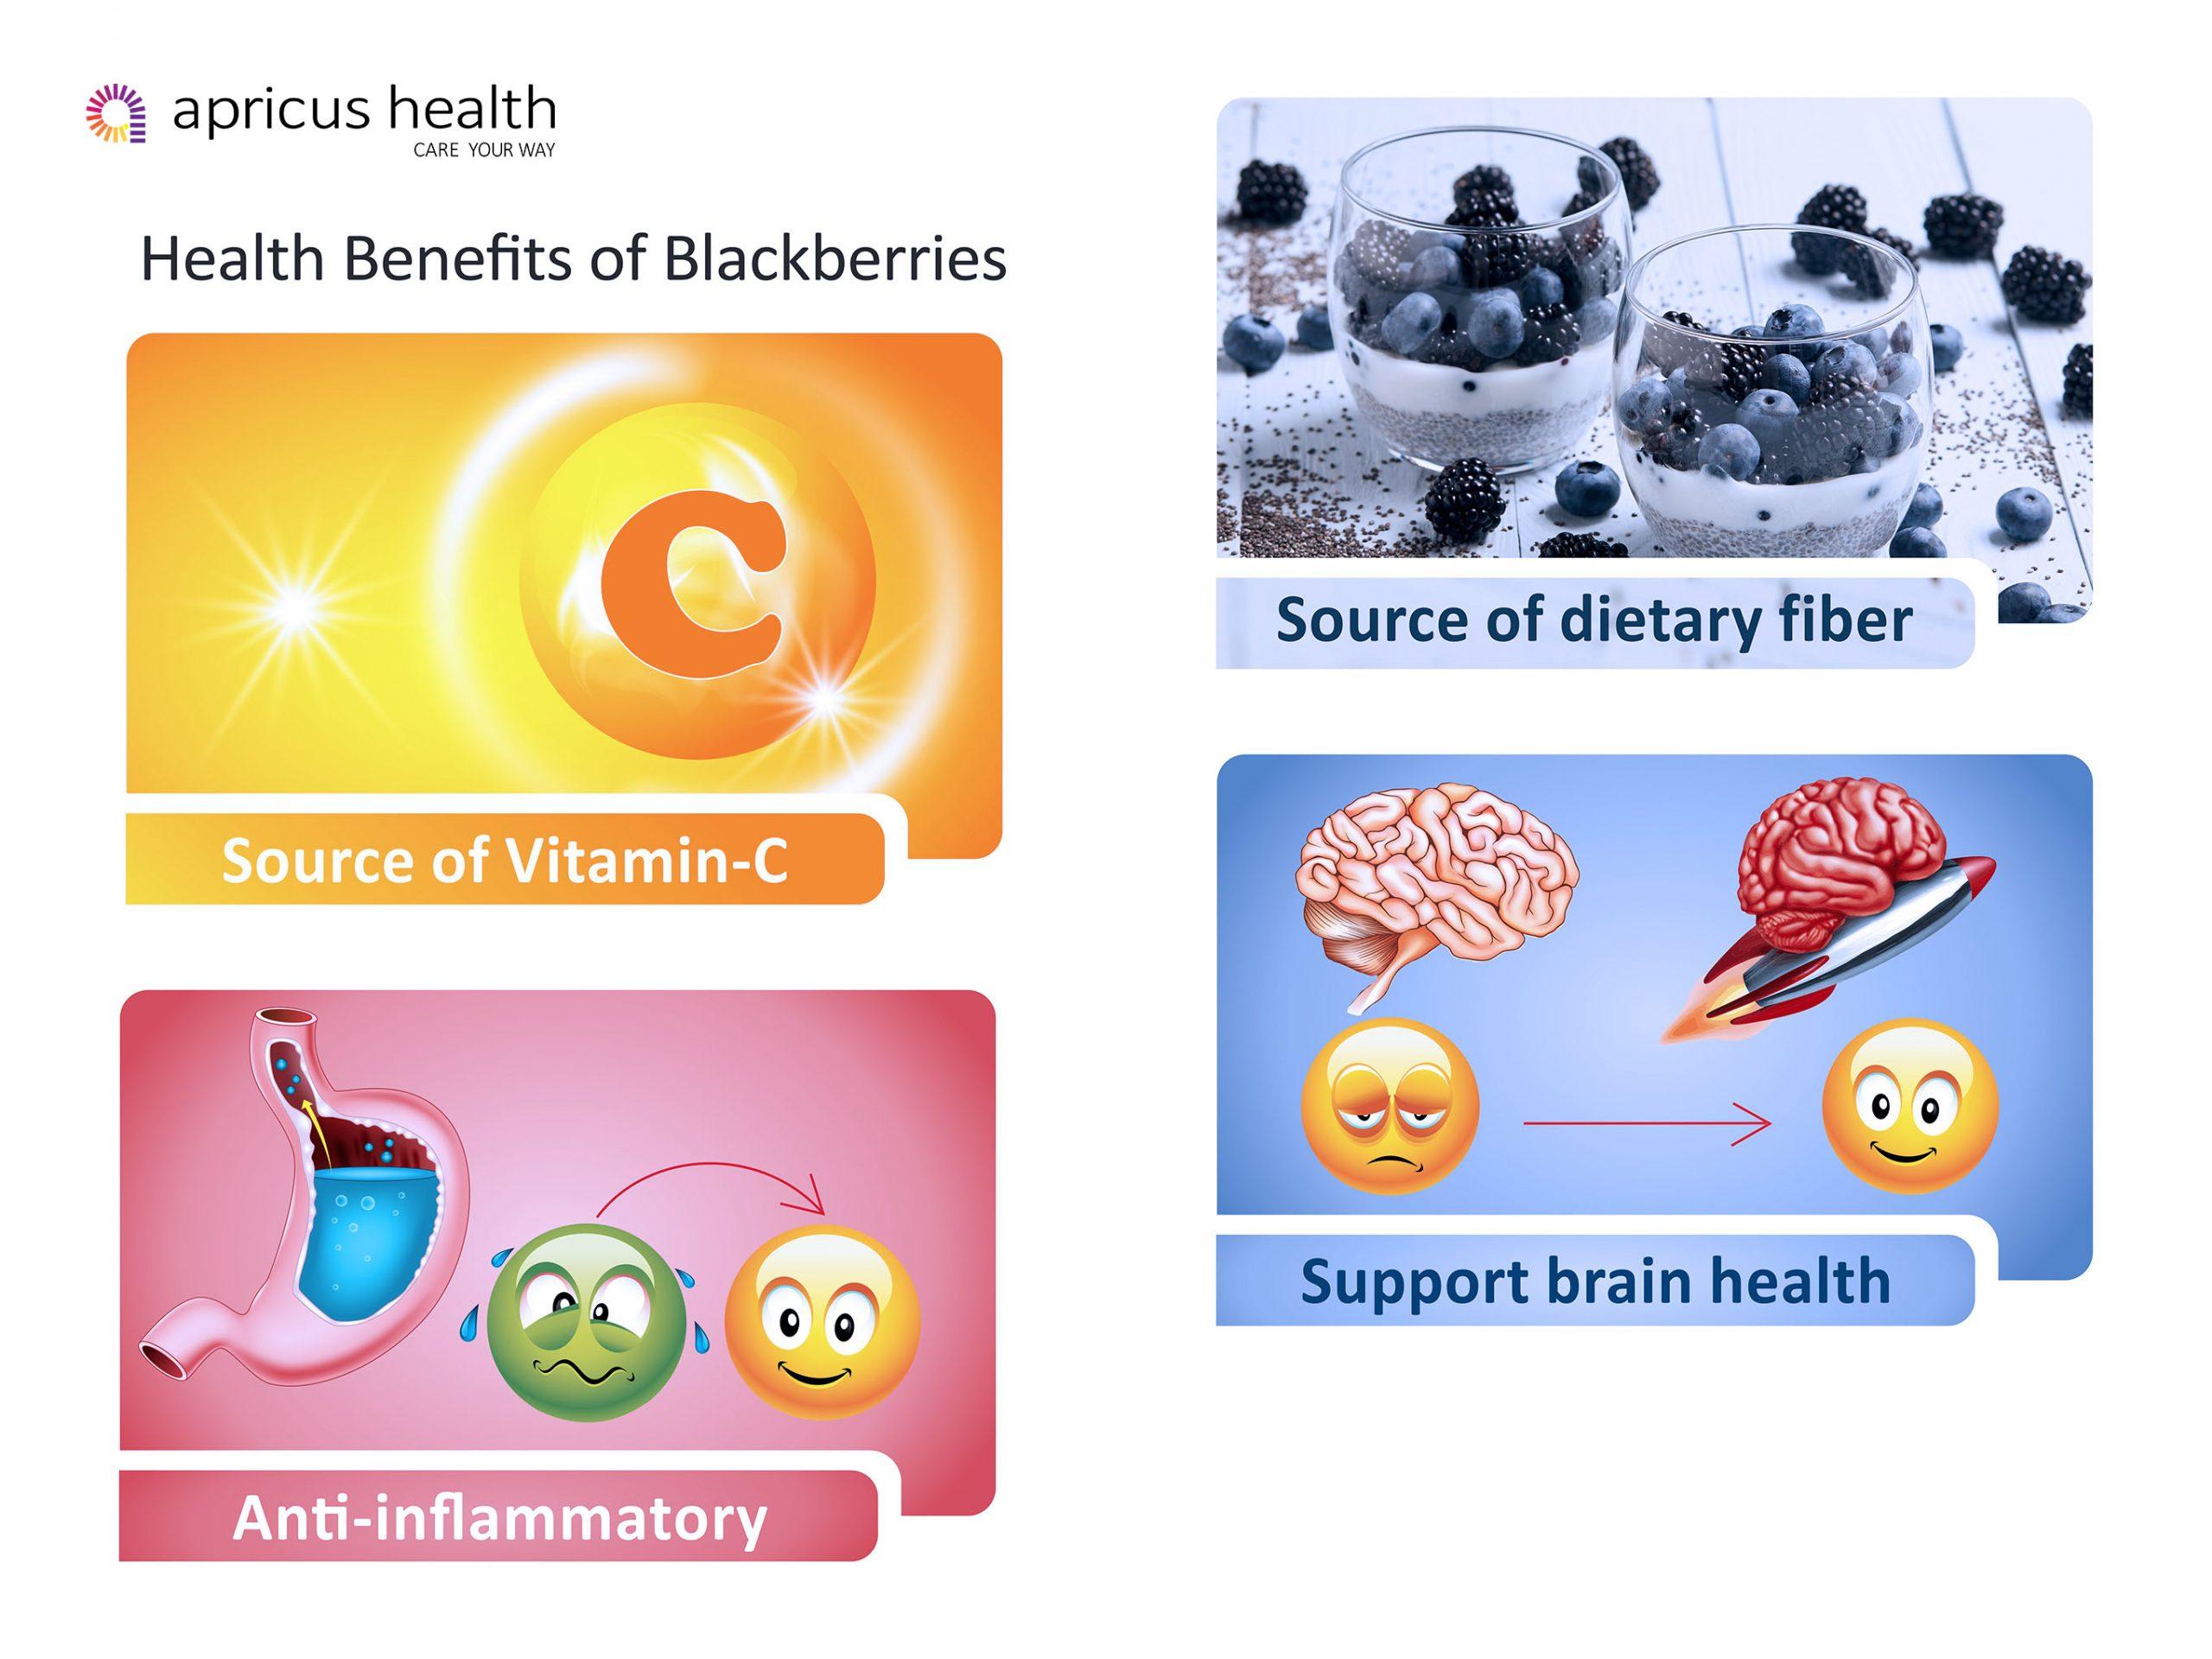 Top 4 health benefits of blackberries